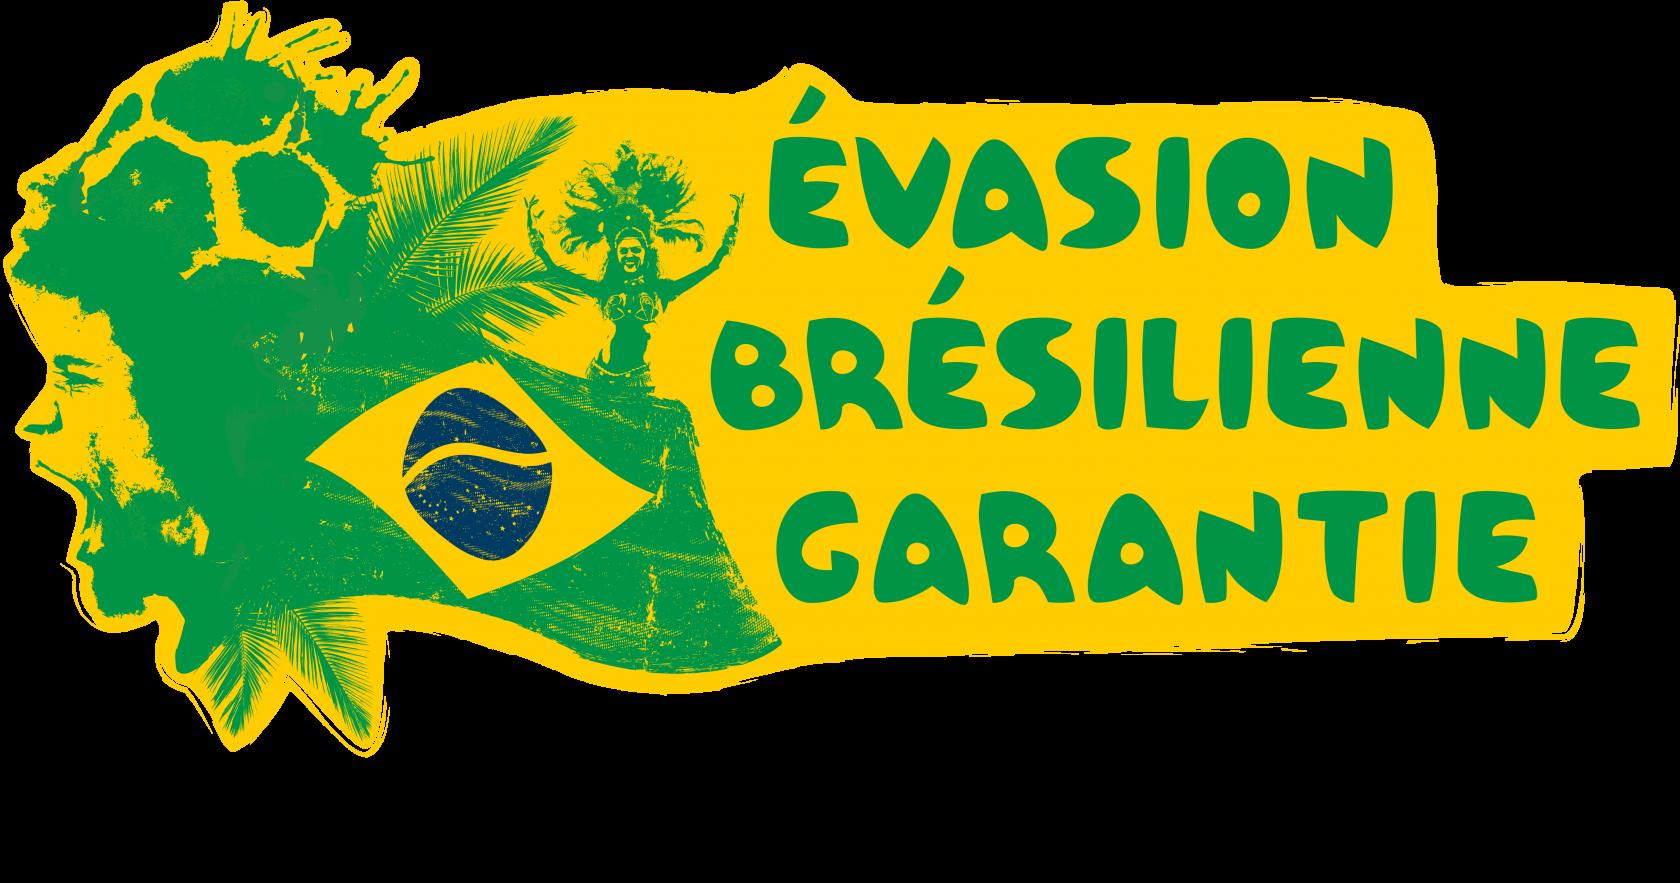 KIA FIFA WC_Logo Evasion Brésilienne Garantie_la-mode-c-nous_lmcn